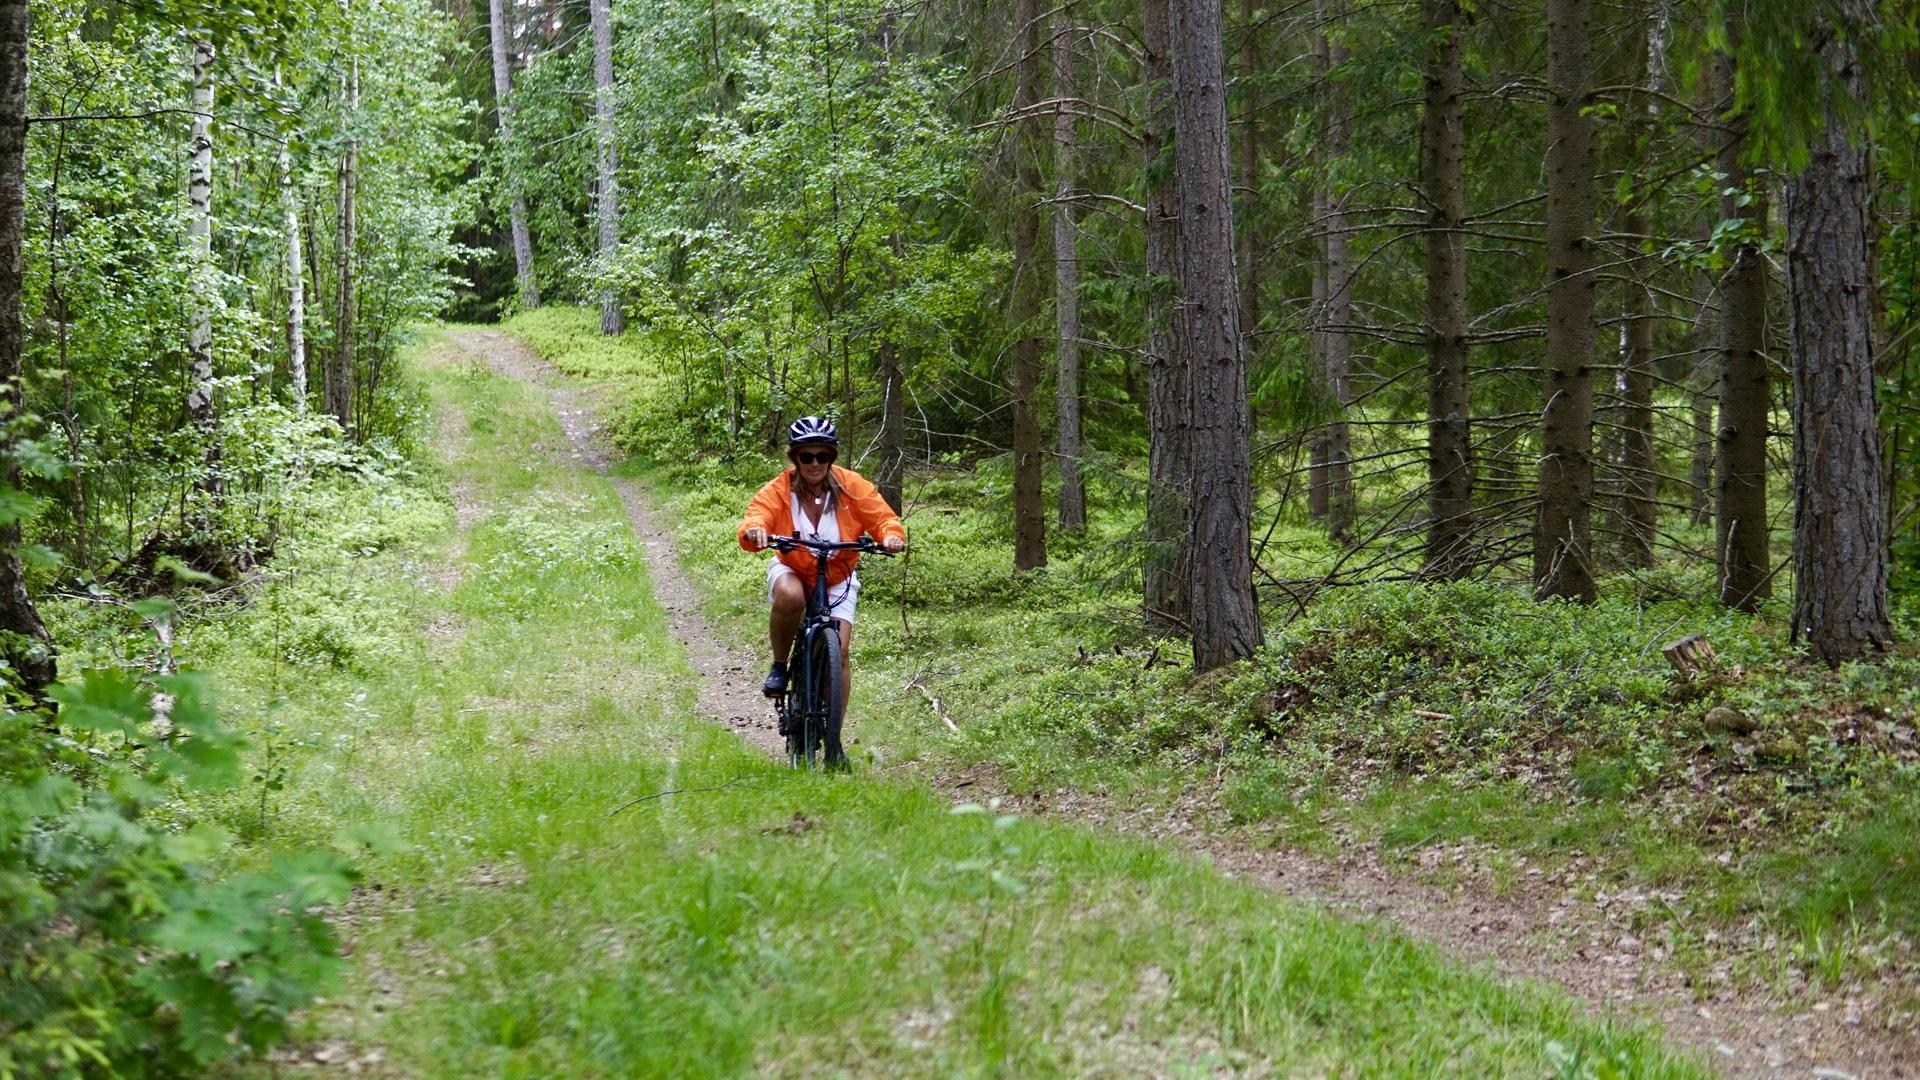 En sykkel opplevelse med – DØLABIKE!